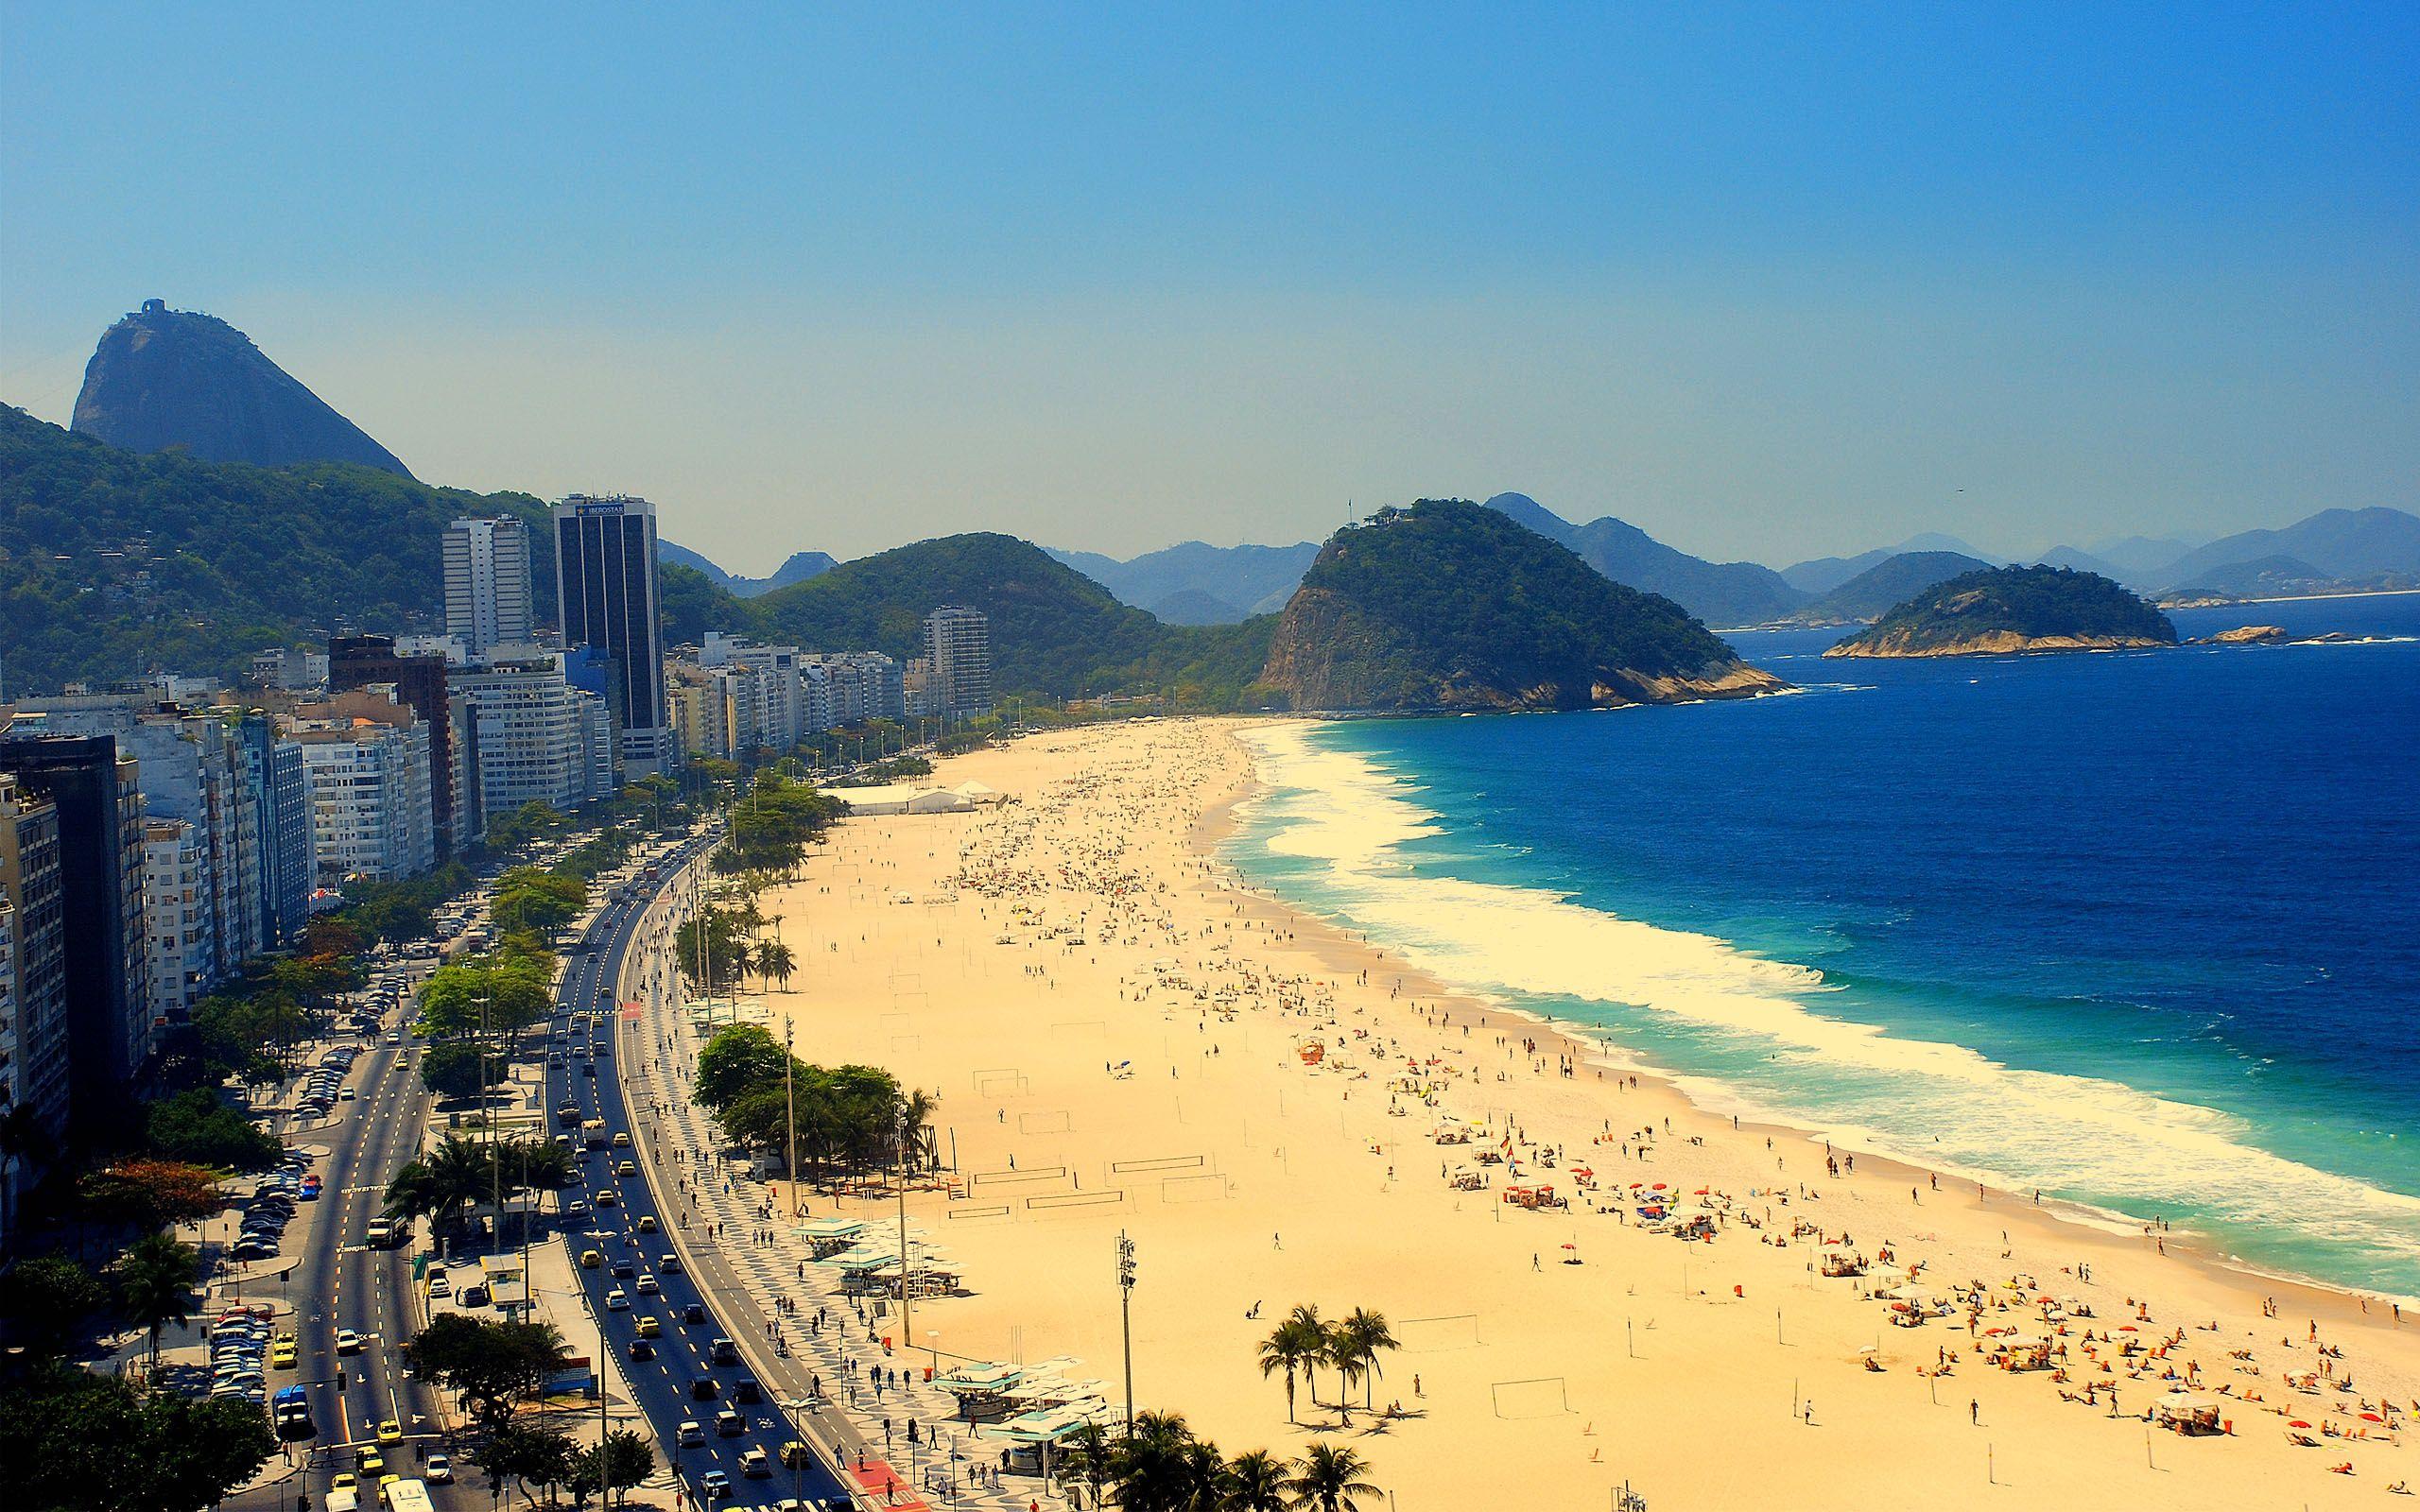 copacabana beach rio de janeiro city hd wallpapers top desktop background hd widescreen wallpaper of rio